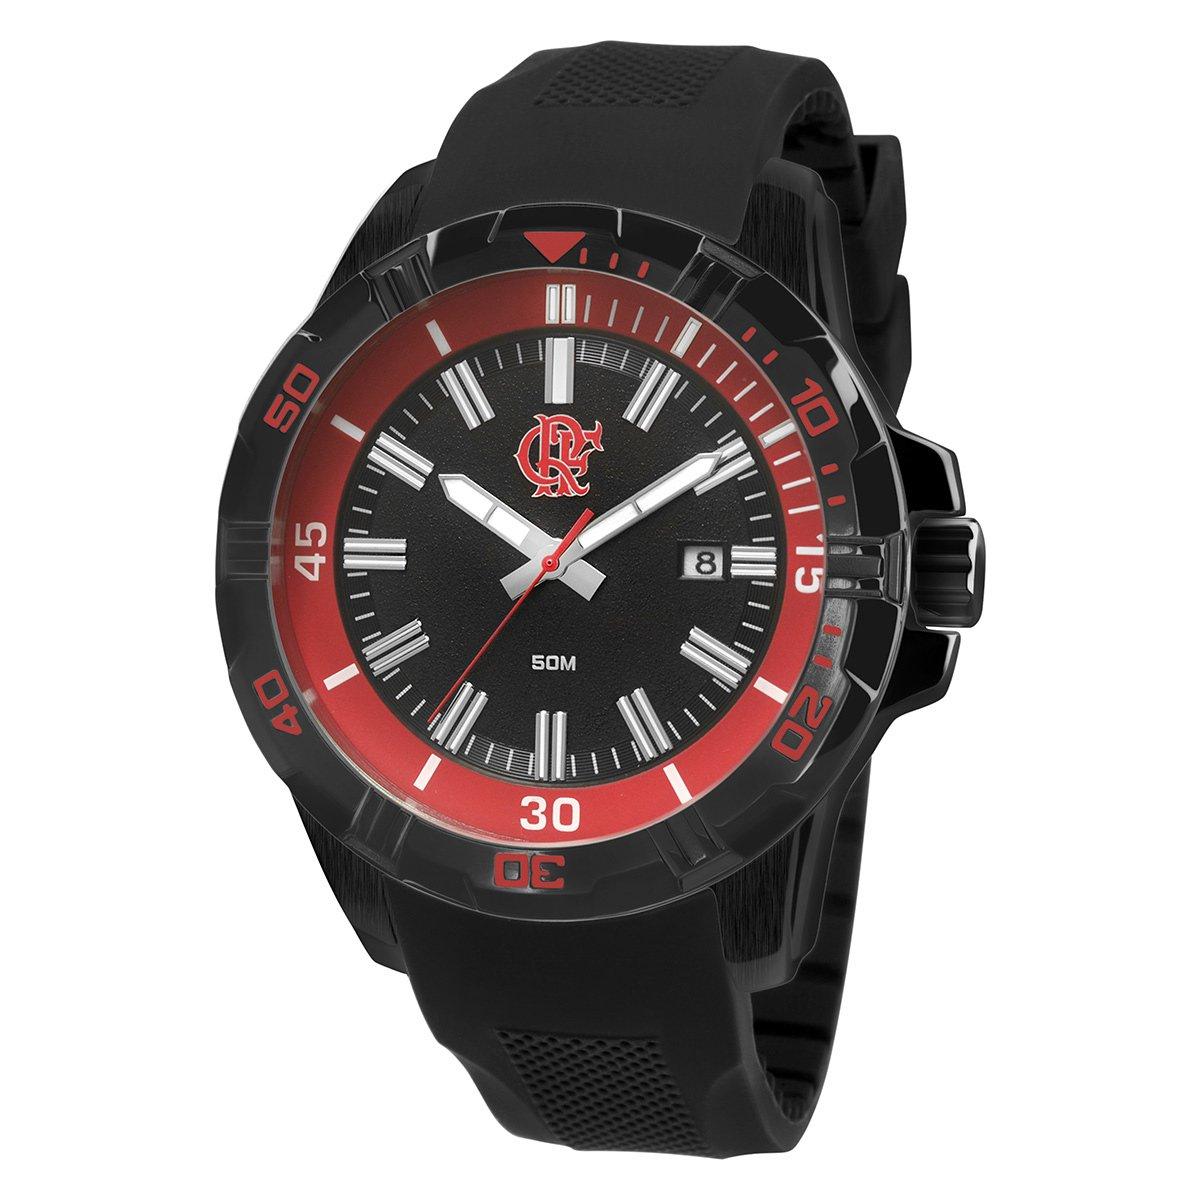 04efa5e2f56 Relógio Flamengo Technos Analógico IV Calendário - Compre Agora ...